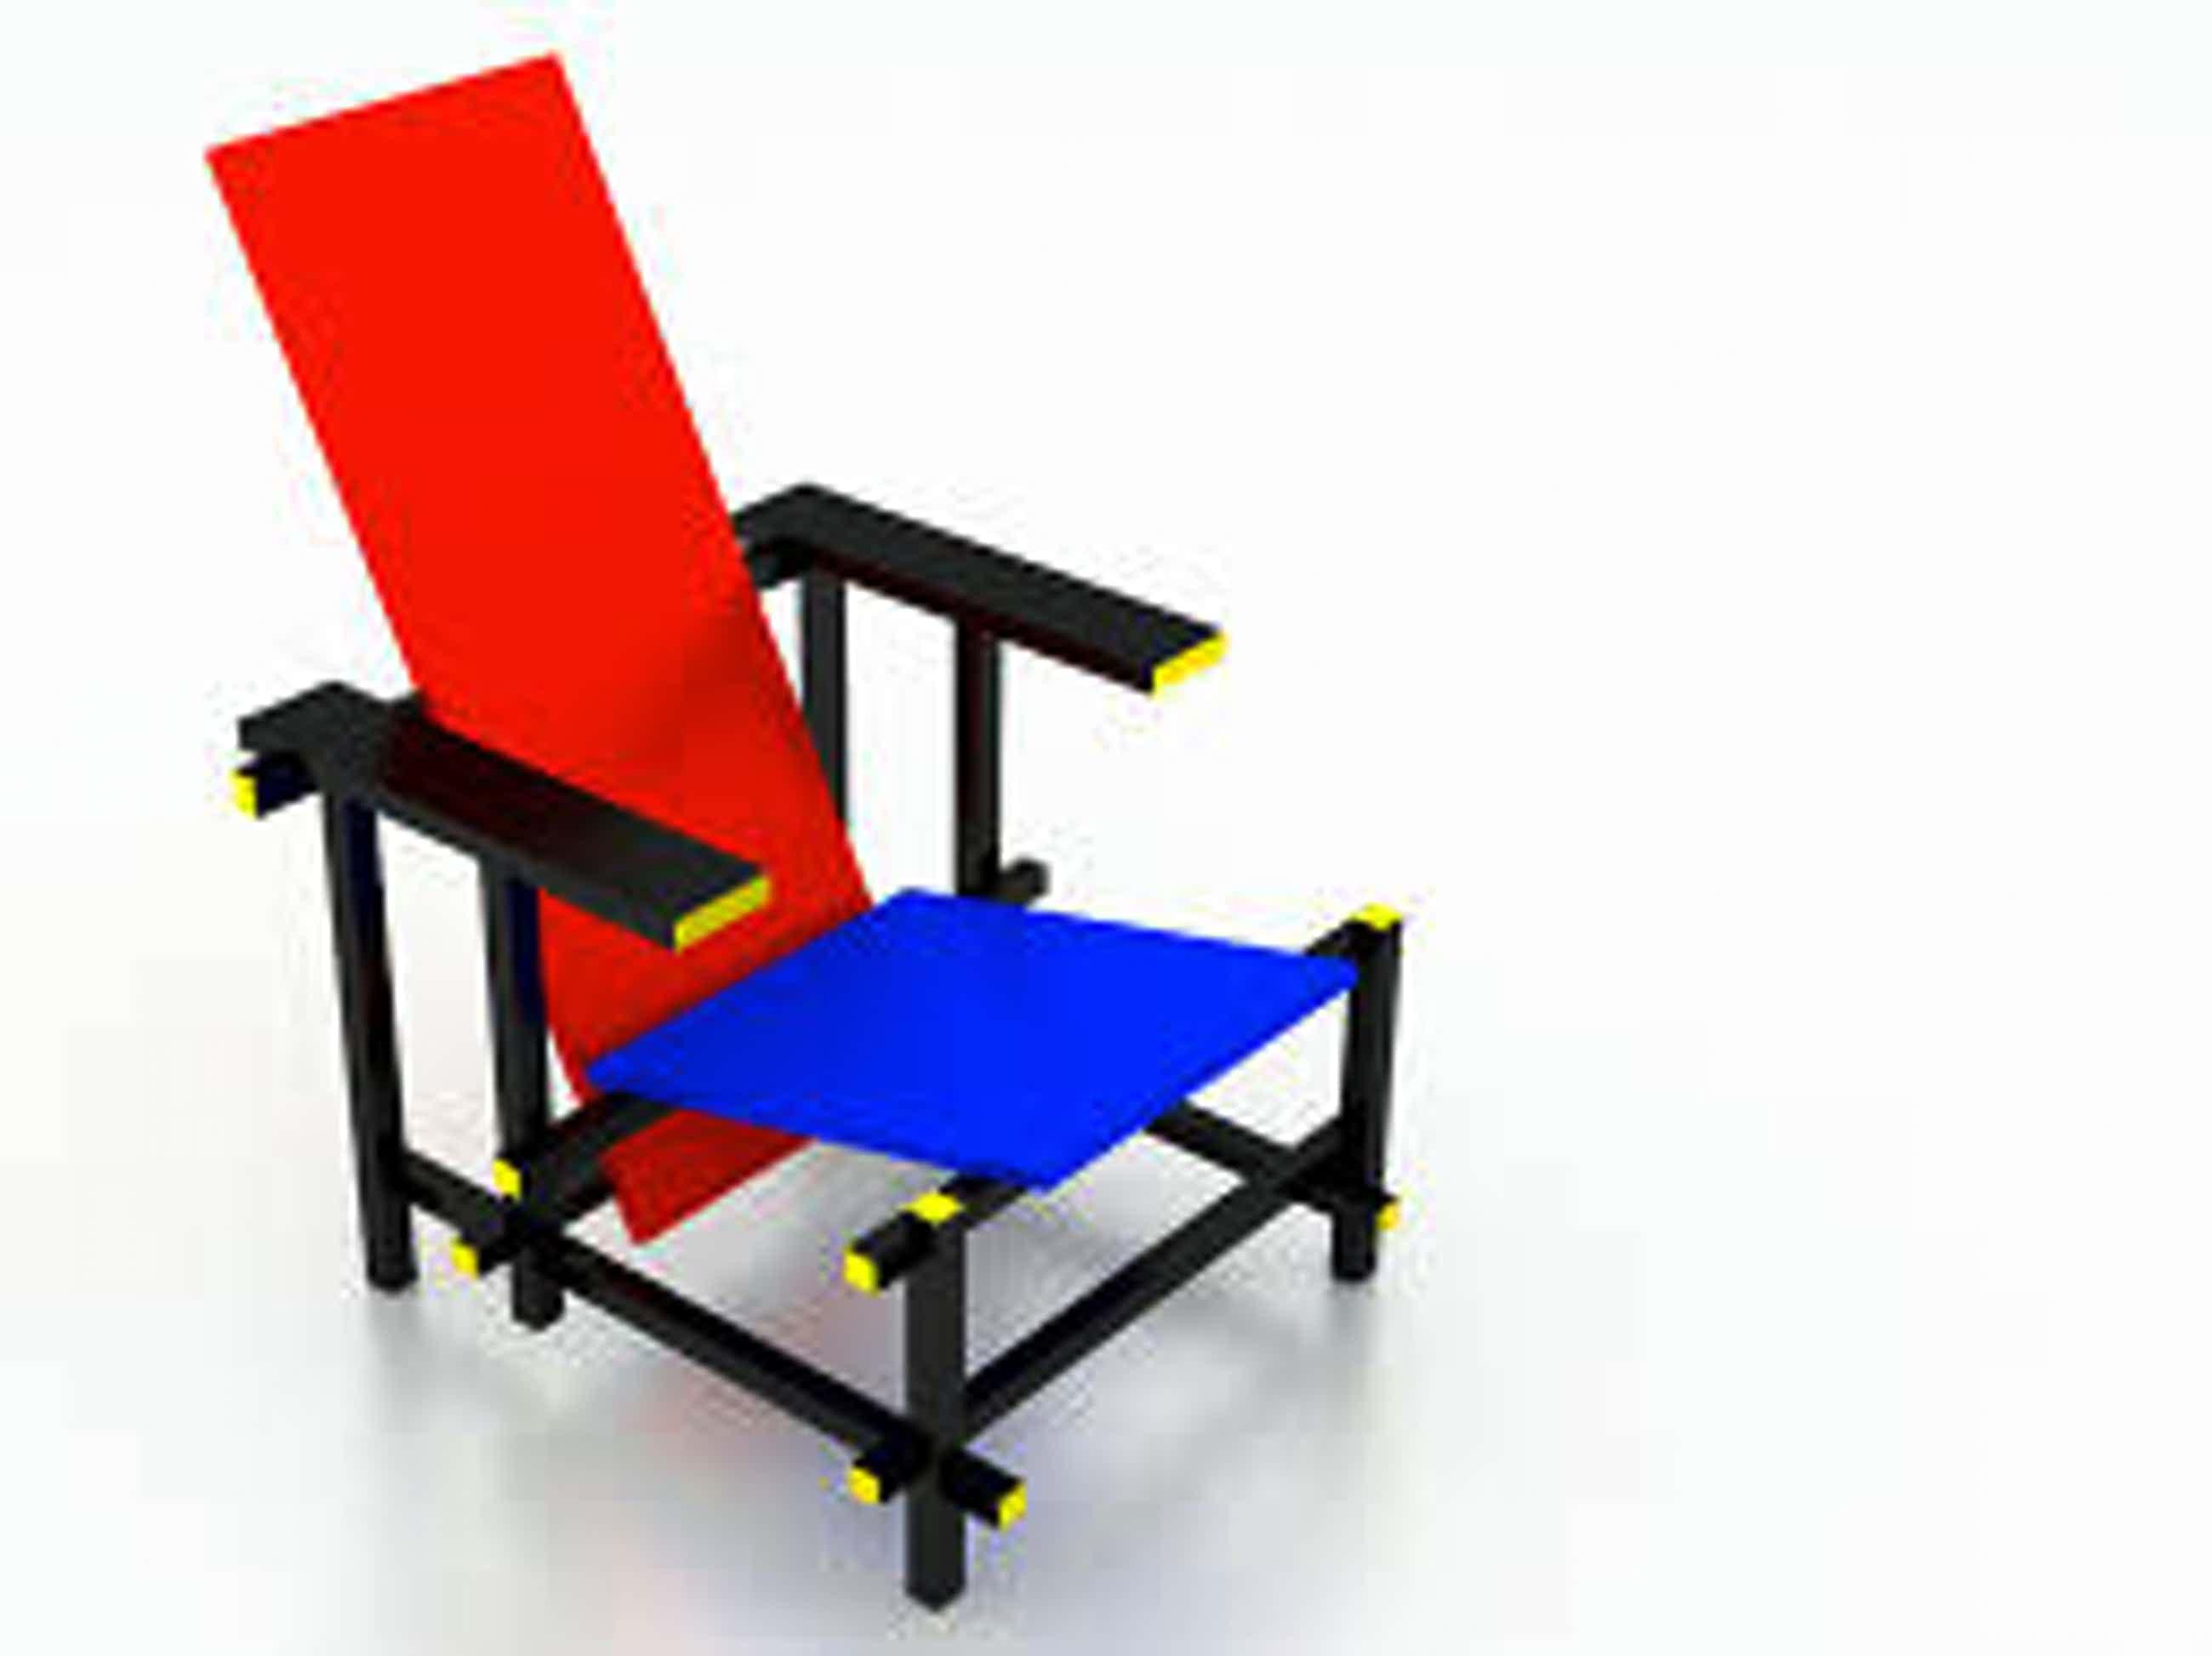 Gerrit Rietveld - Modelbouwpakket Rood-blauwe leunstoel schaal 1:6 kopen? Bied vanaf 69!